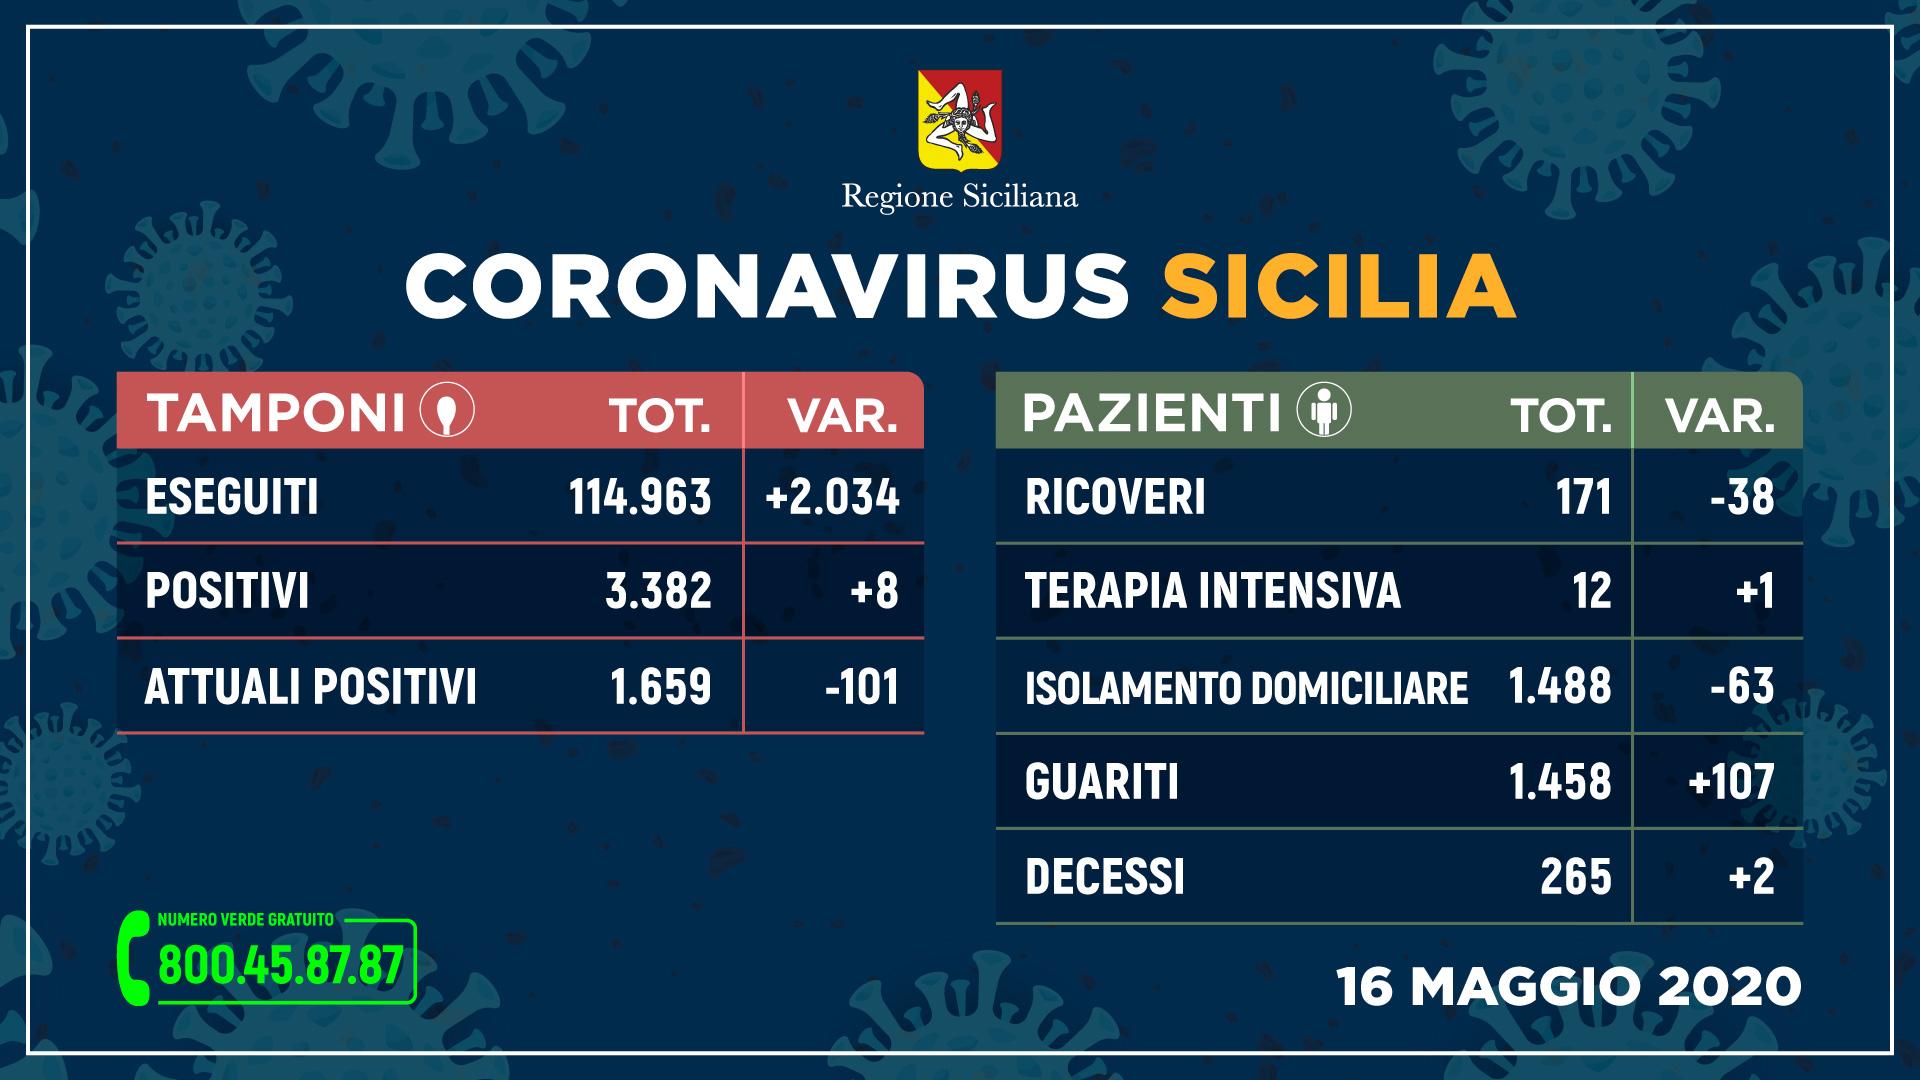 16.05.20 - sicilia_tamponi+pazienti_16_maggio